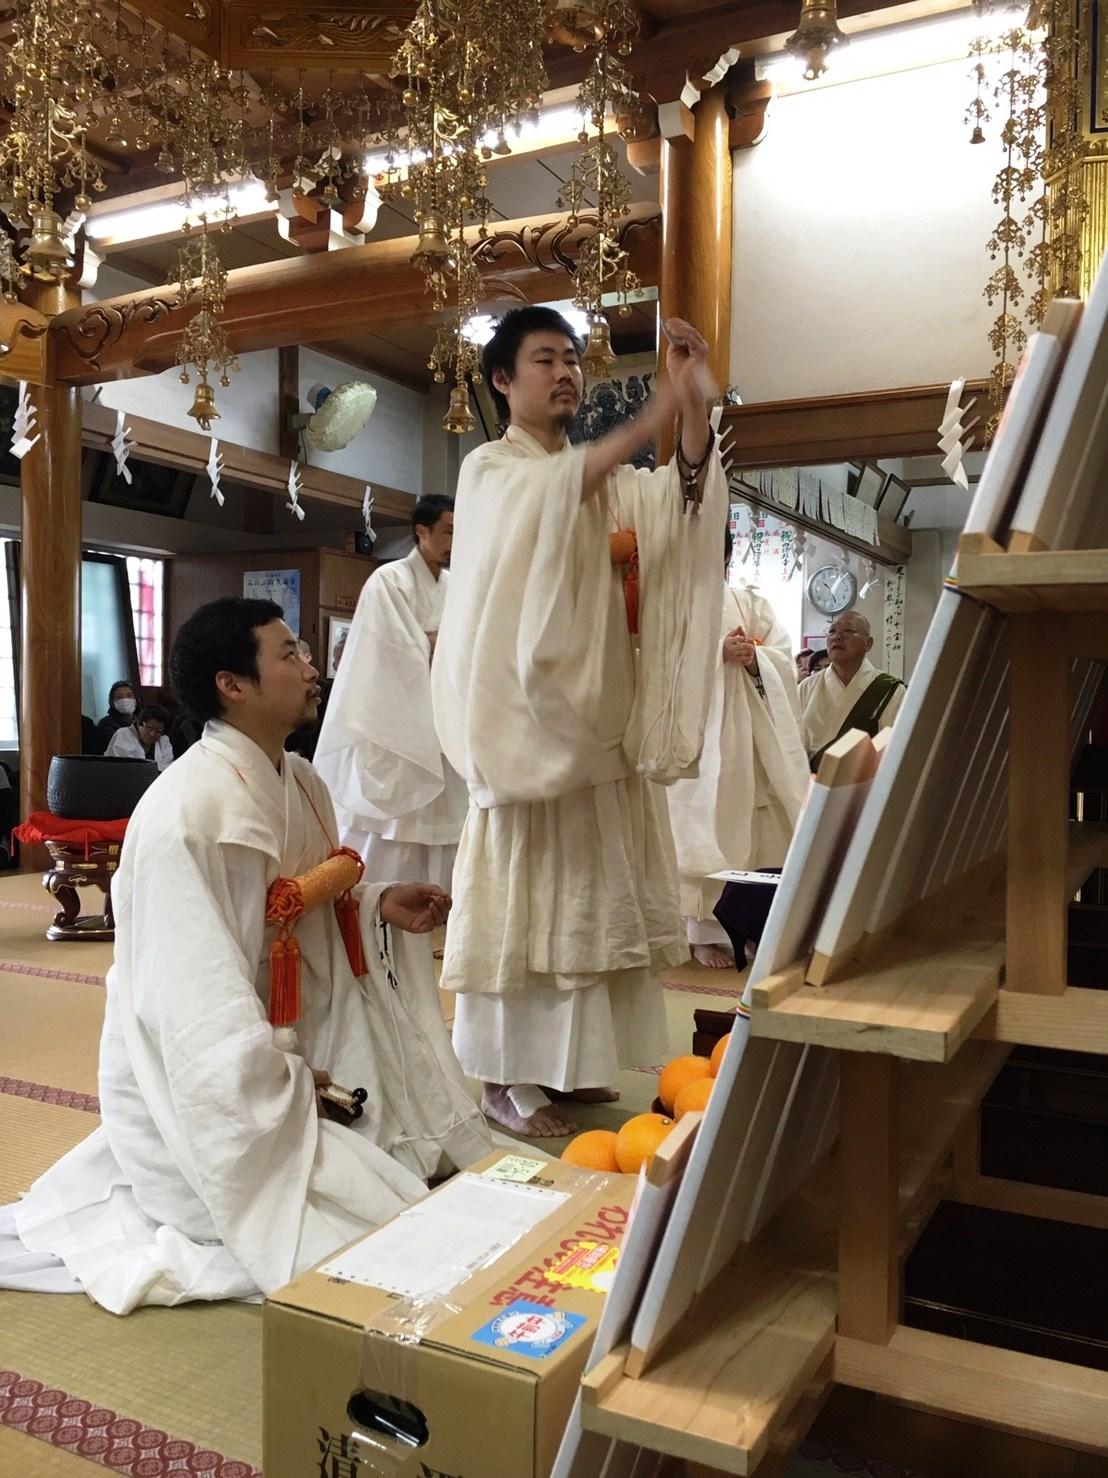 静岡市清水区瑞泉寺 帰山奉告式